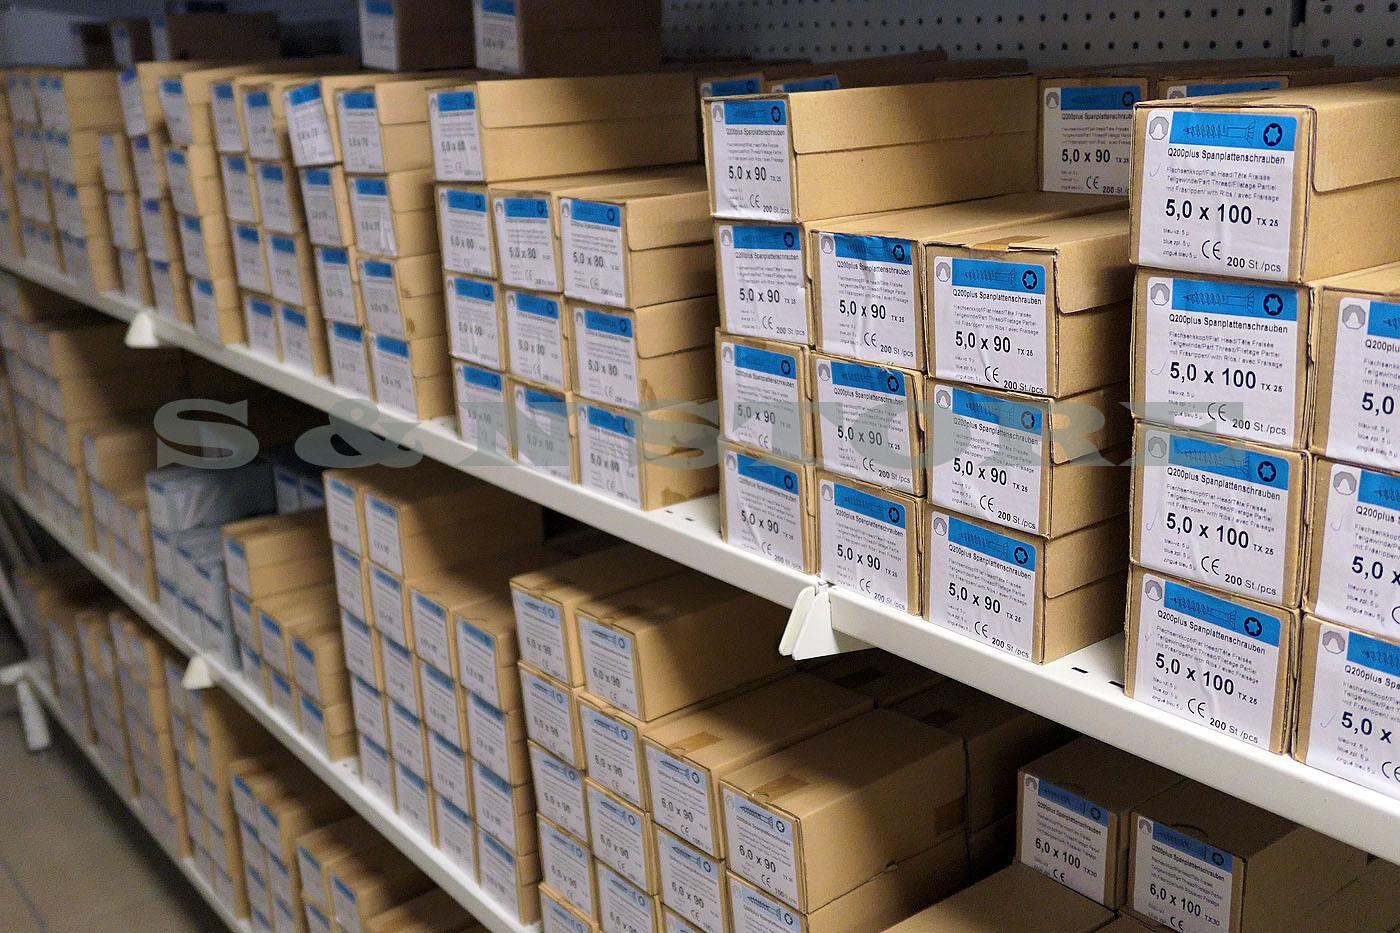 Spanplatten Schrauben Teilgewinde Holzschrauben Torx 3,0x35 - 6,0x200 Fräsrippe